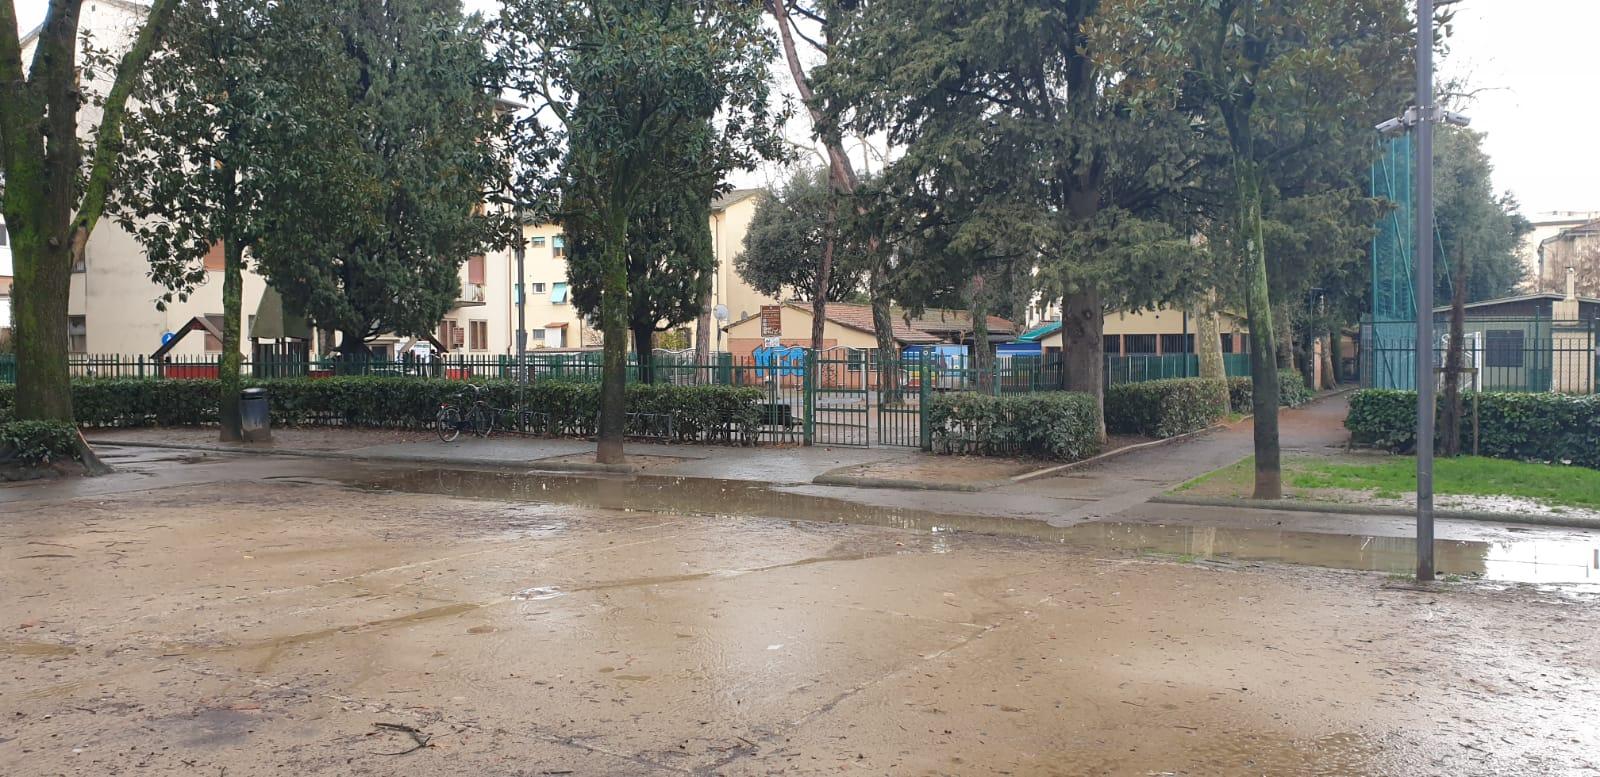 viale dei bambini alagamenti pioggia (11)